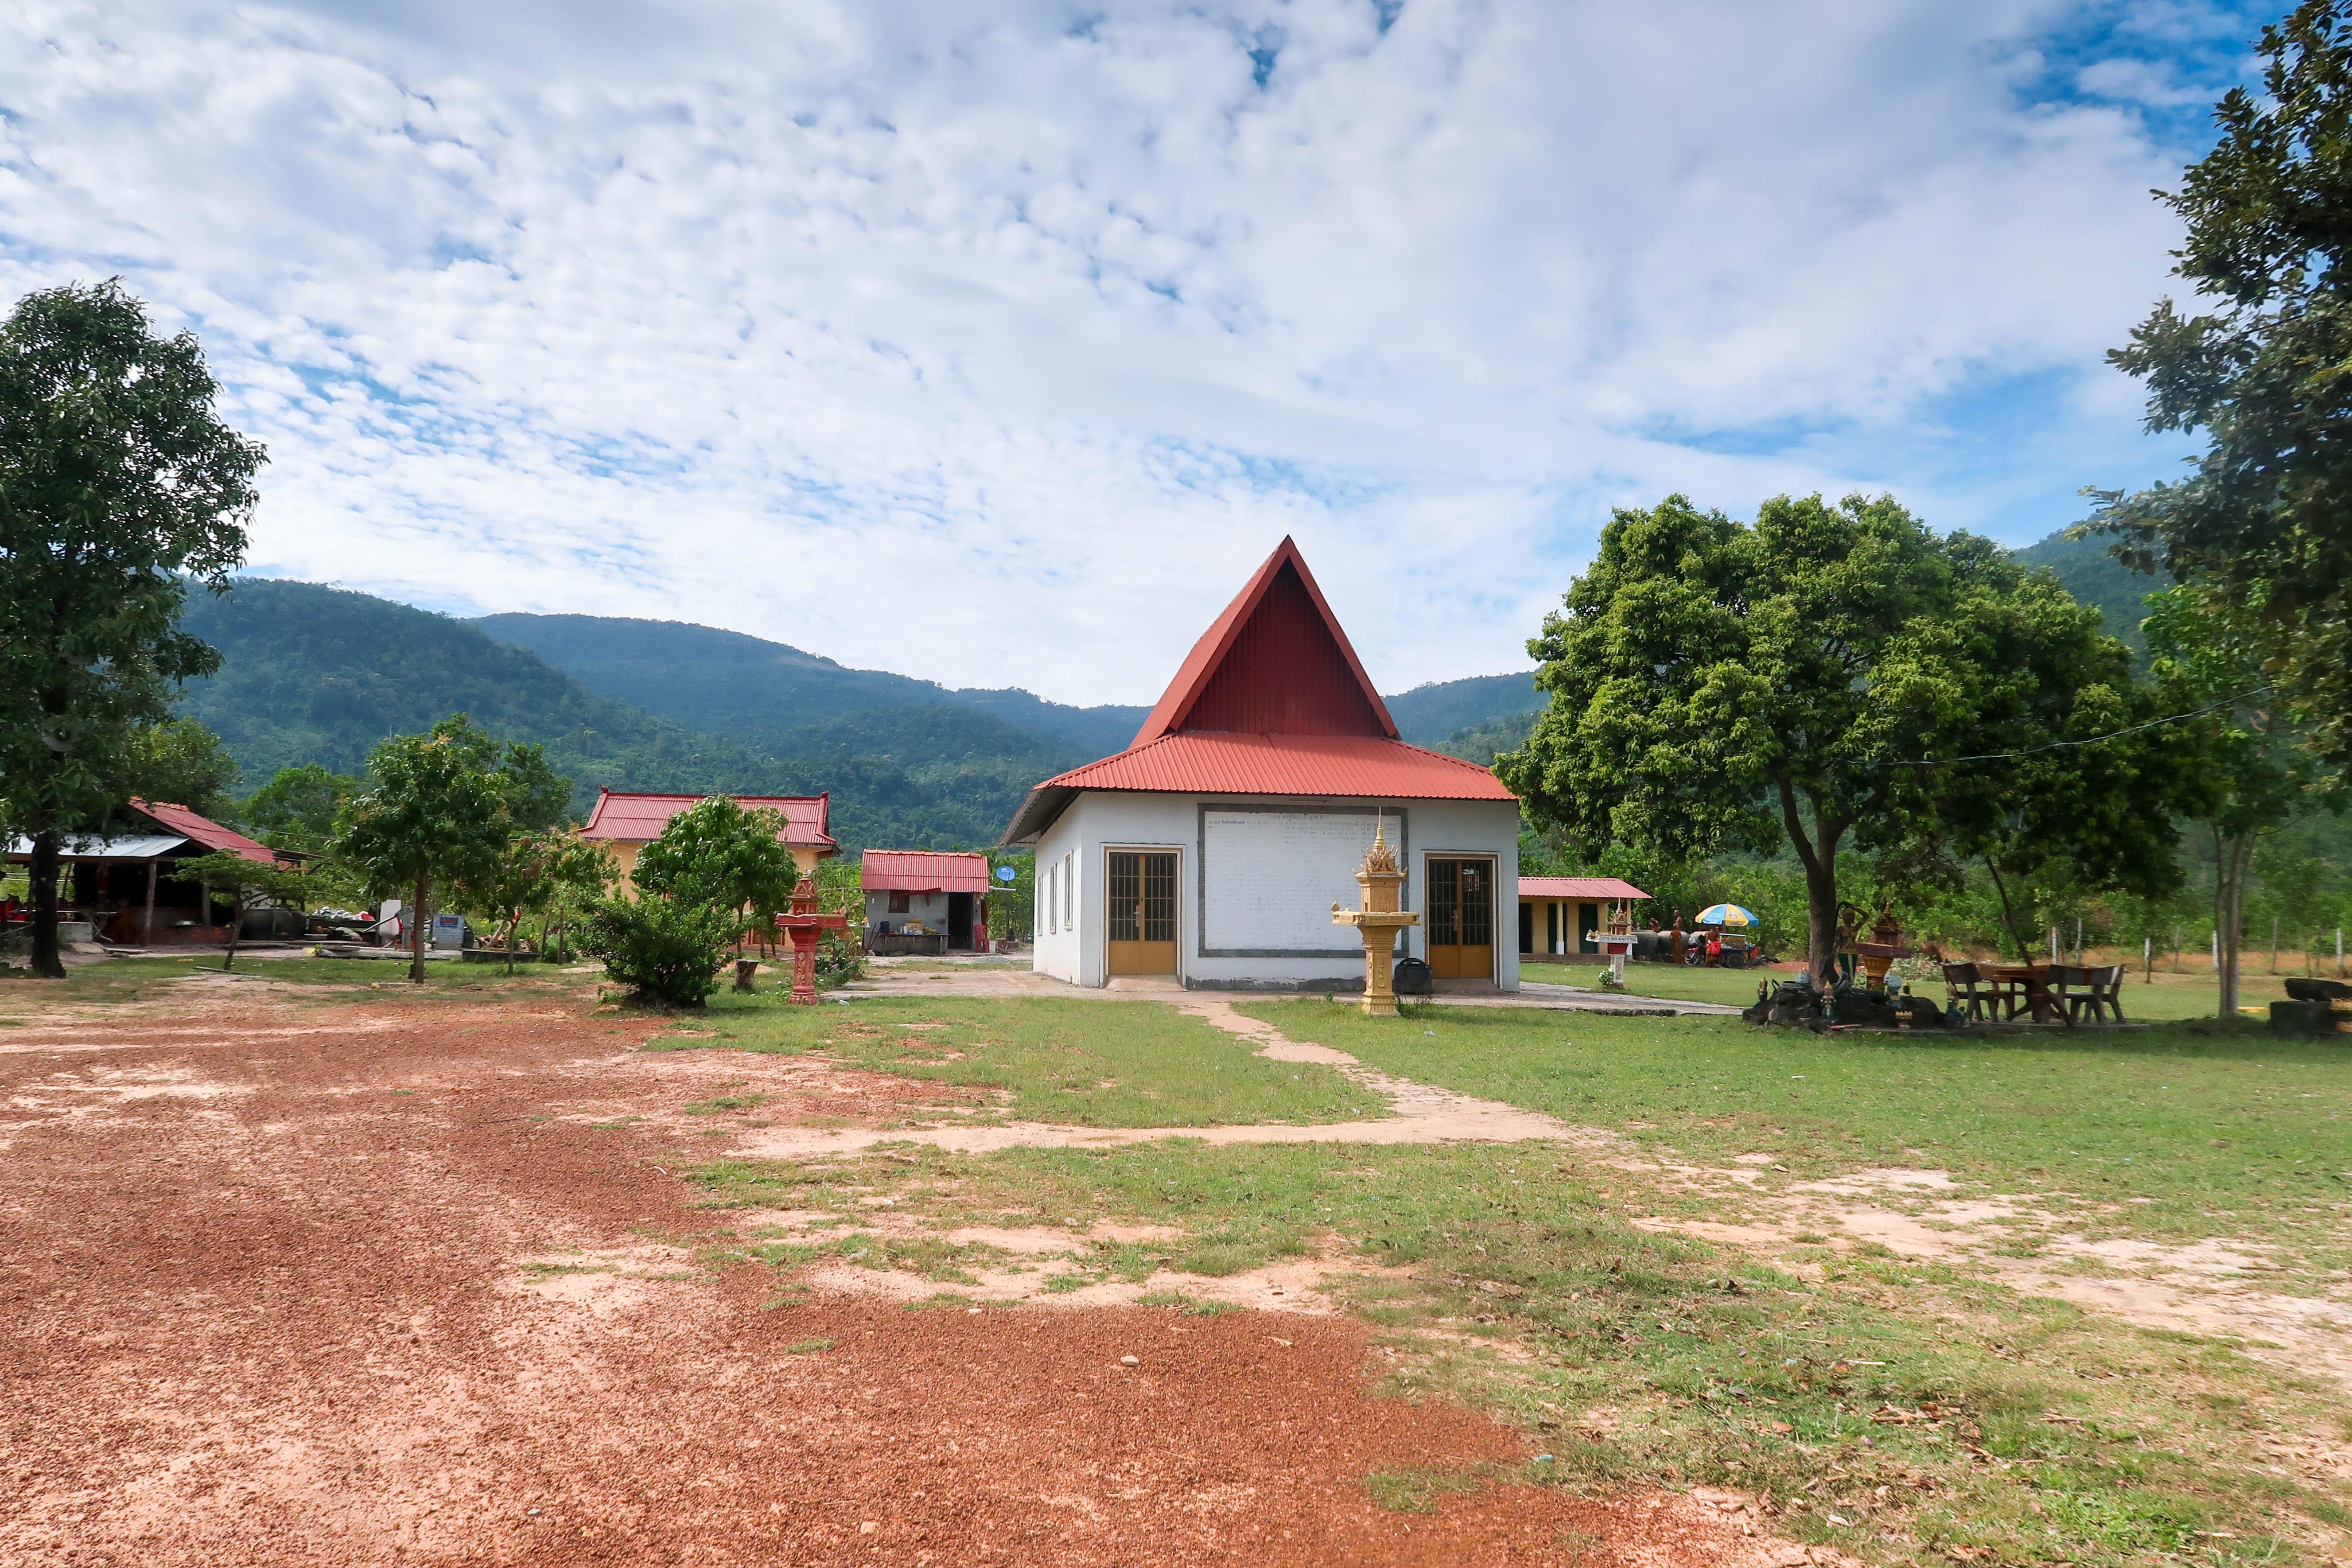 Maison et montagnes - CAMBODGE